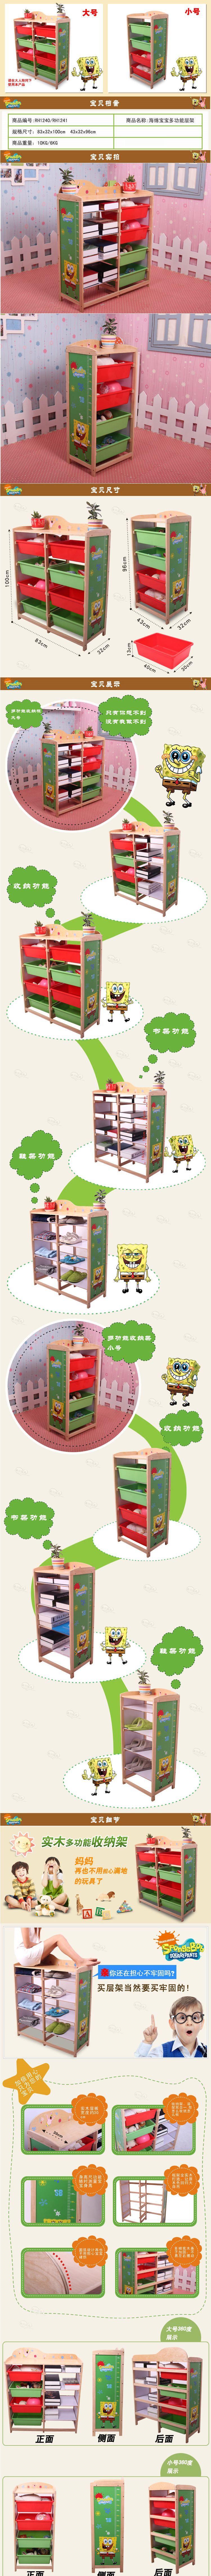 海绵宝宝4盒子4板玩具收纳架